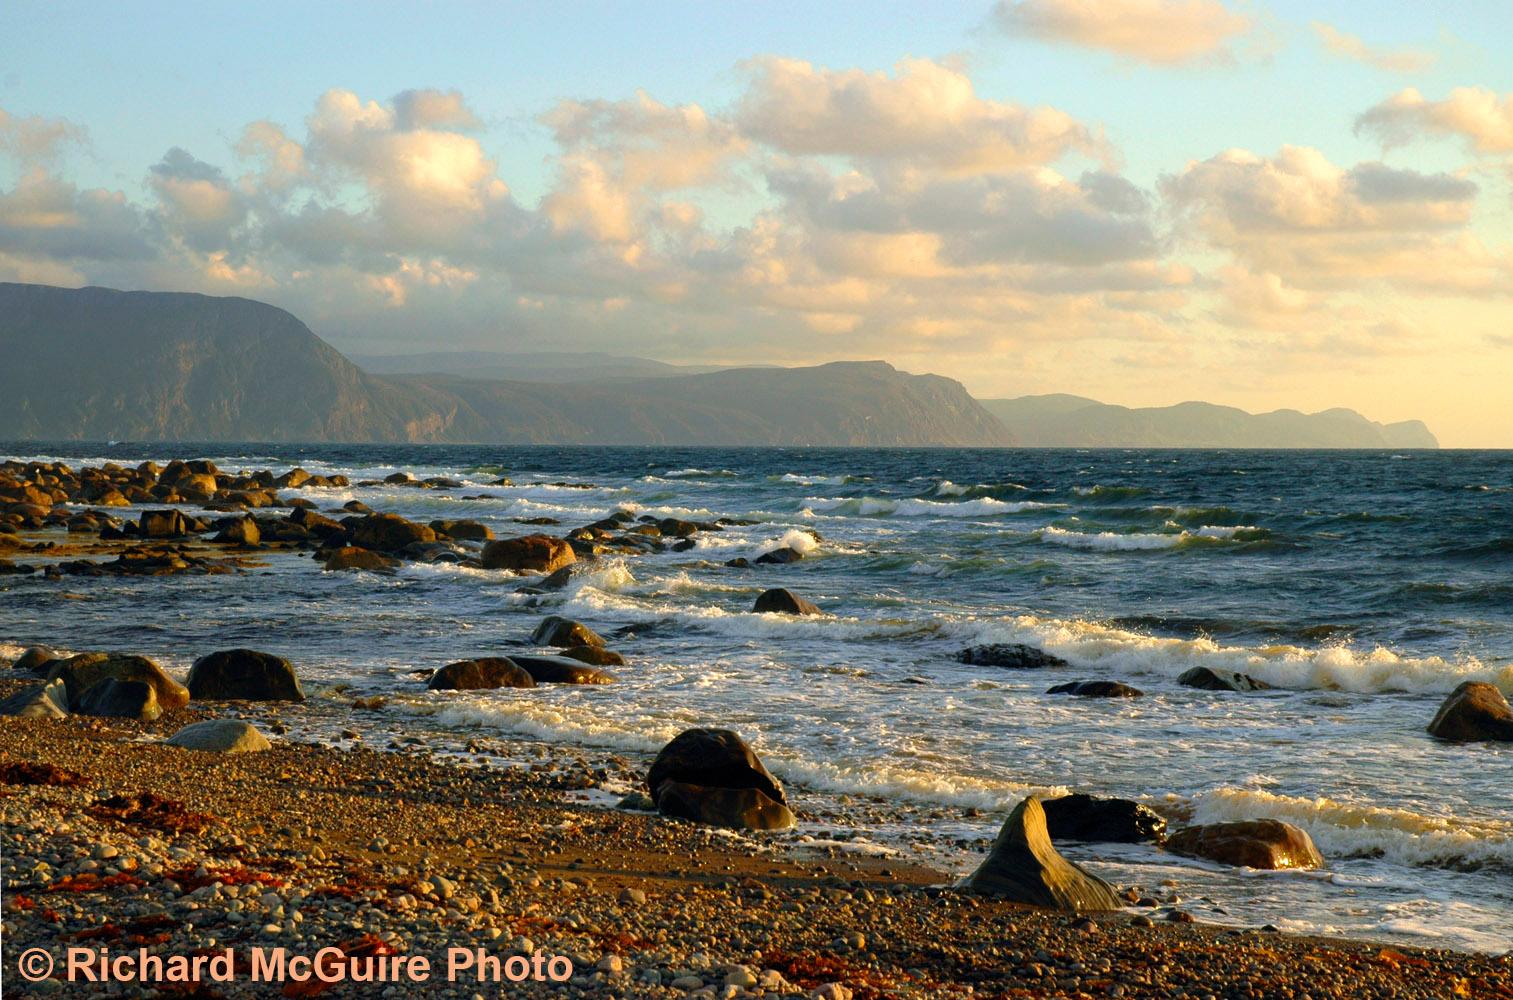 Near Lobster Cove, Gros Morne National Park, Newfoundland and Labrador, Canada